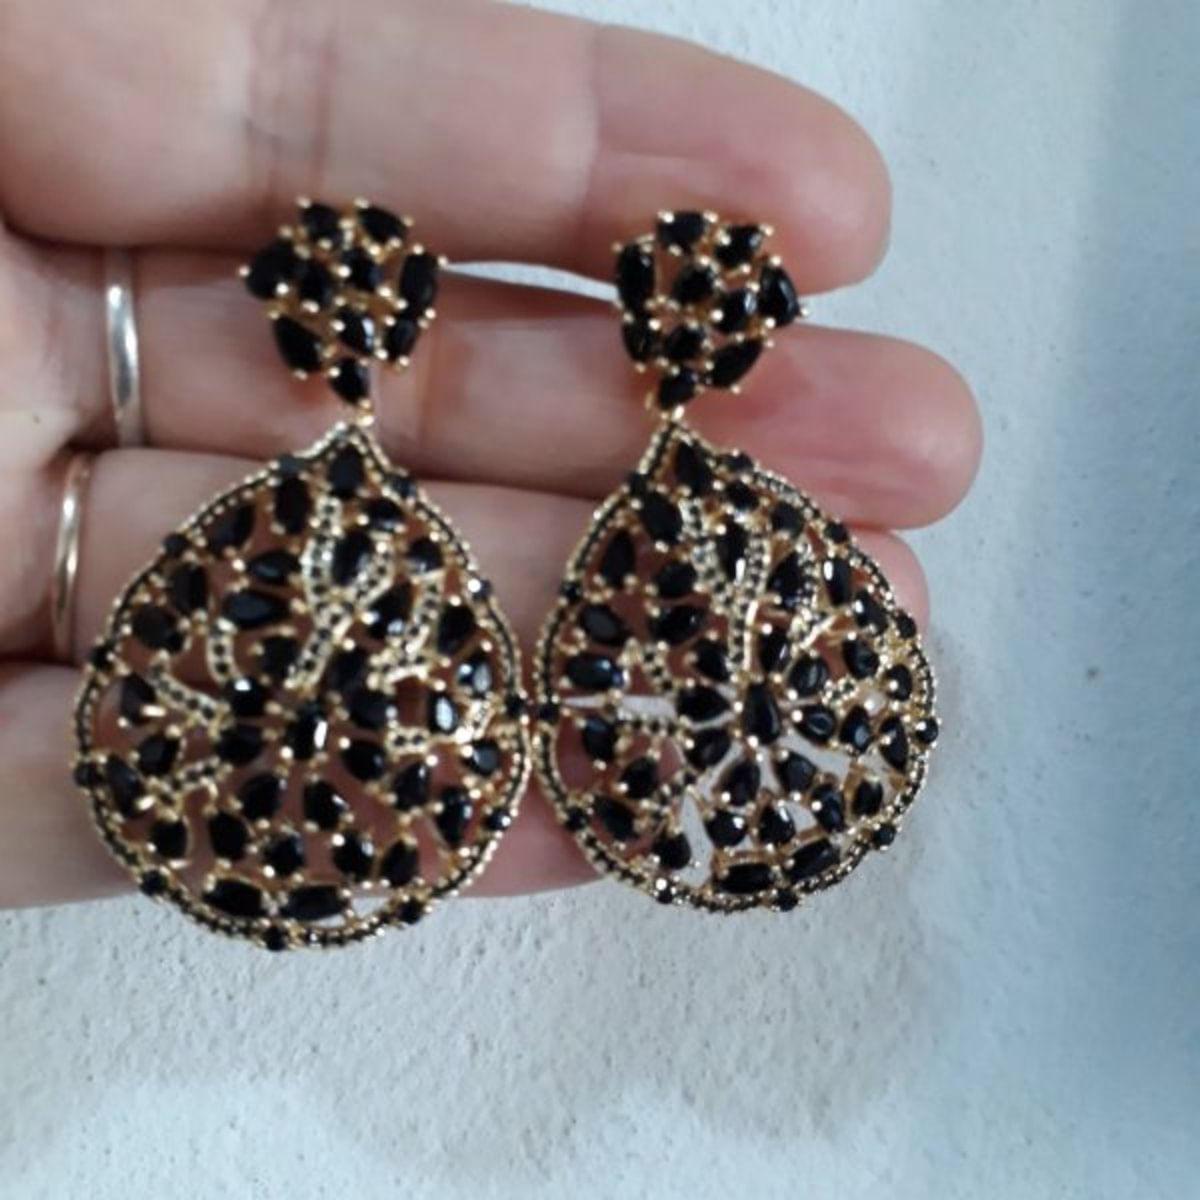 Brinco Festa Luxo, Gotas De Zircônia Preta Cravejado Em Microzircônias, Banhado A Ouro